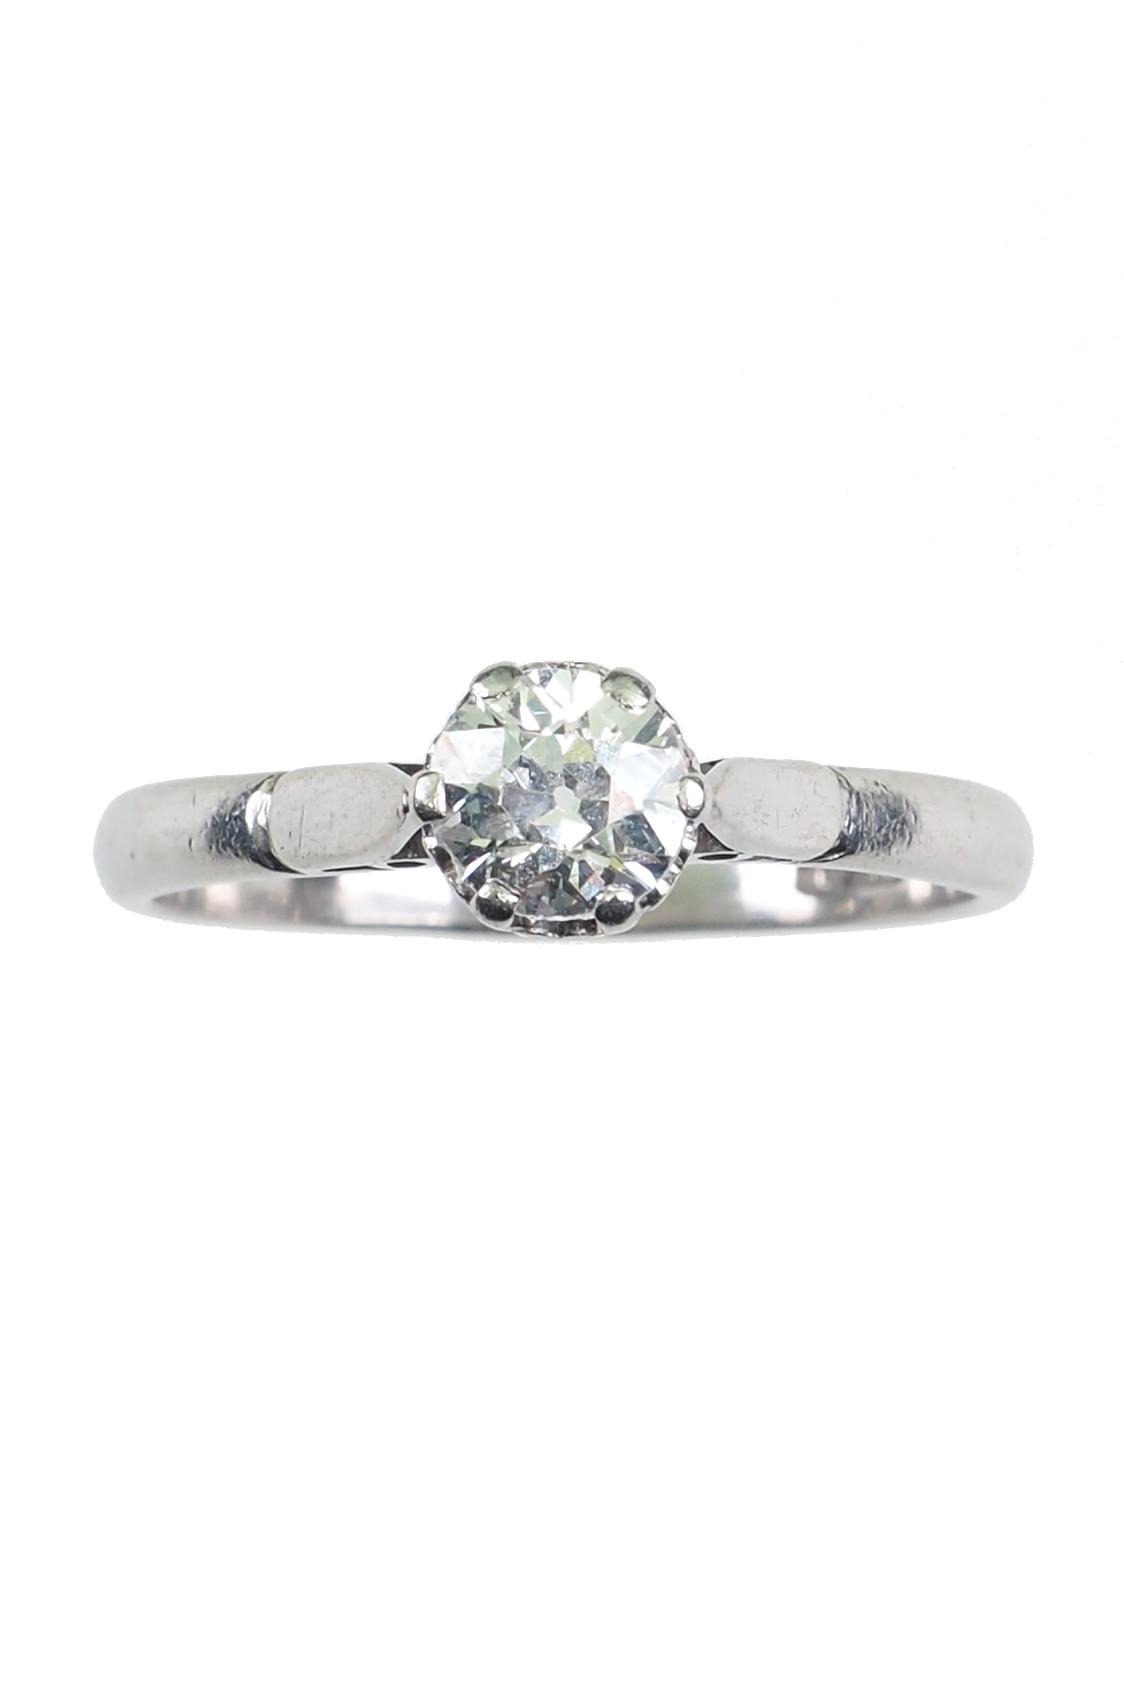 Verlobungsringe-online-kaufen-1026